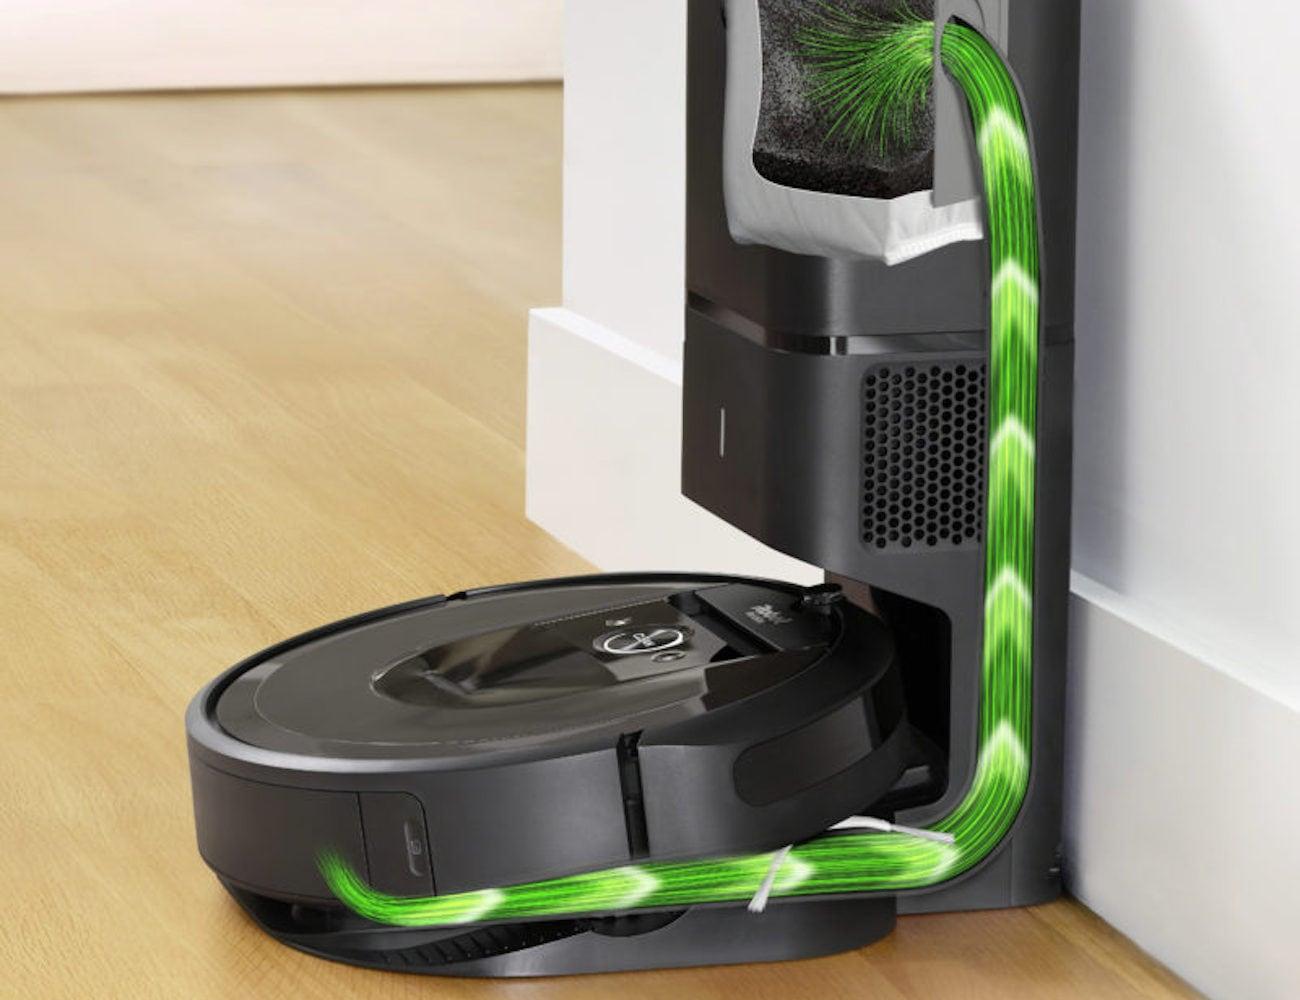 iRobot Roomba i7+ Self-Emptying Robot Vacuum